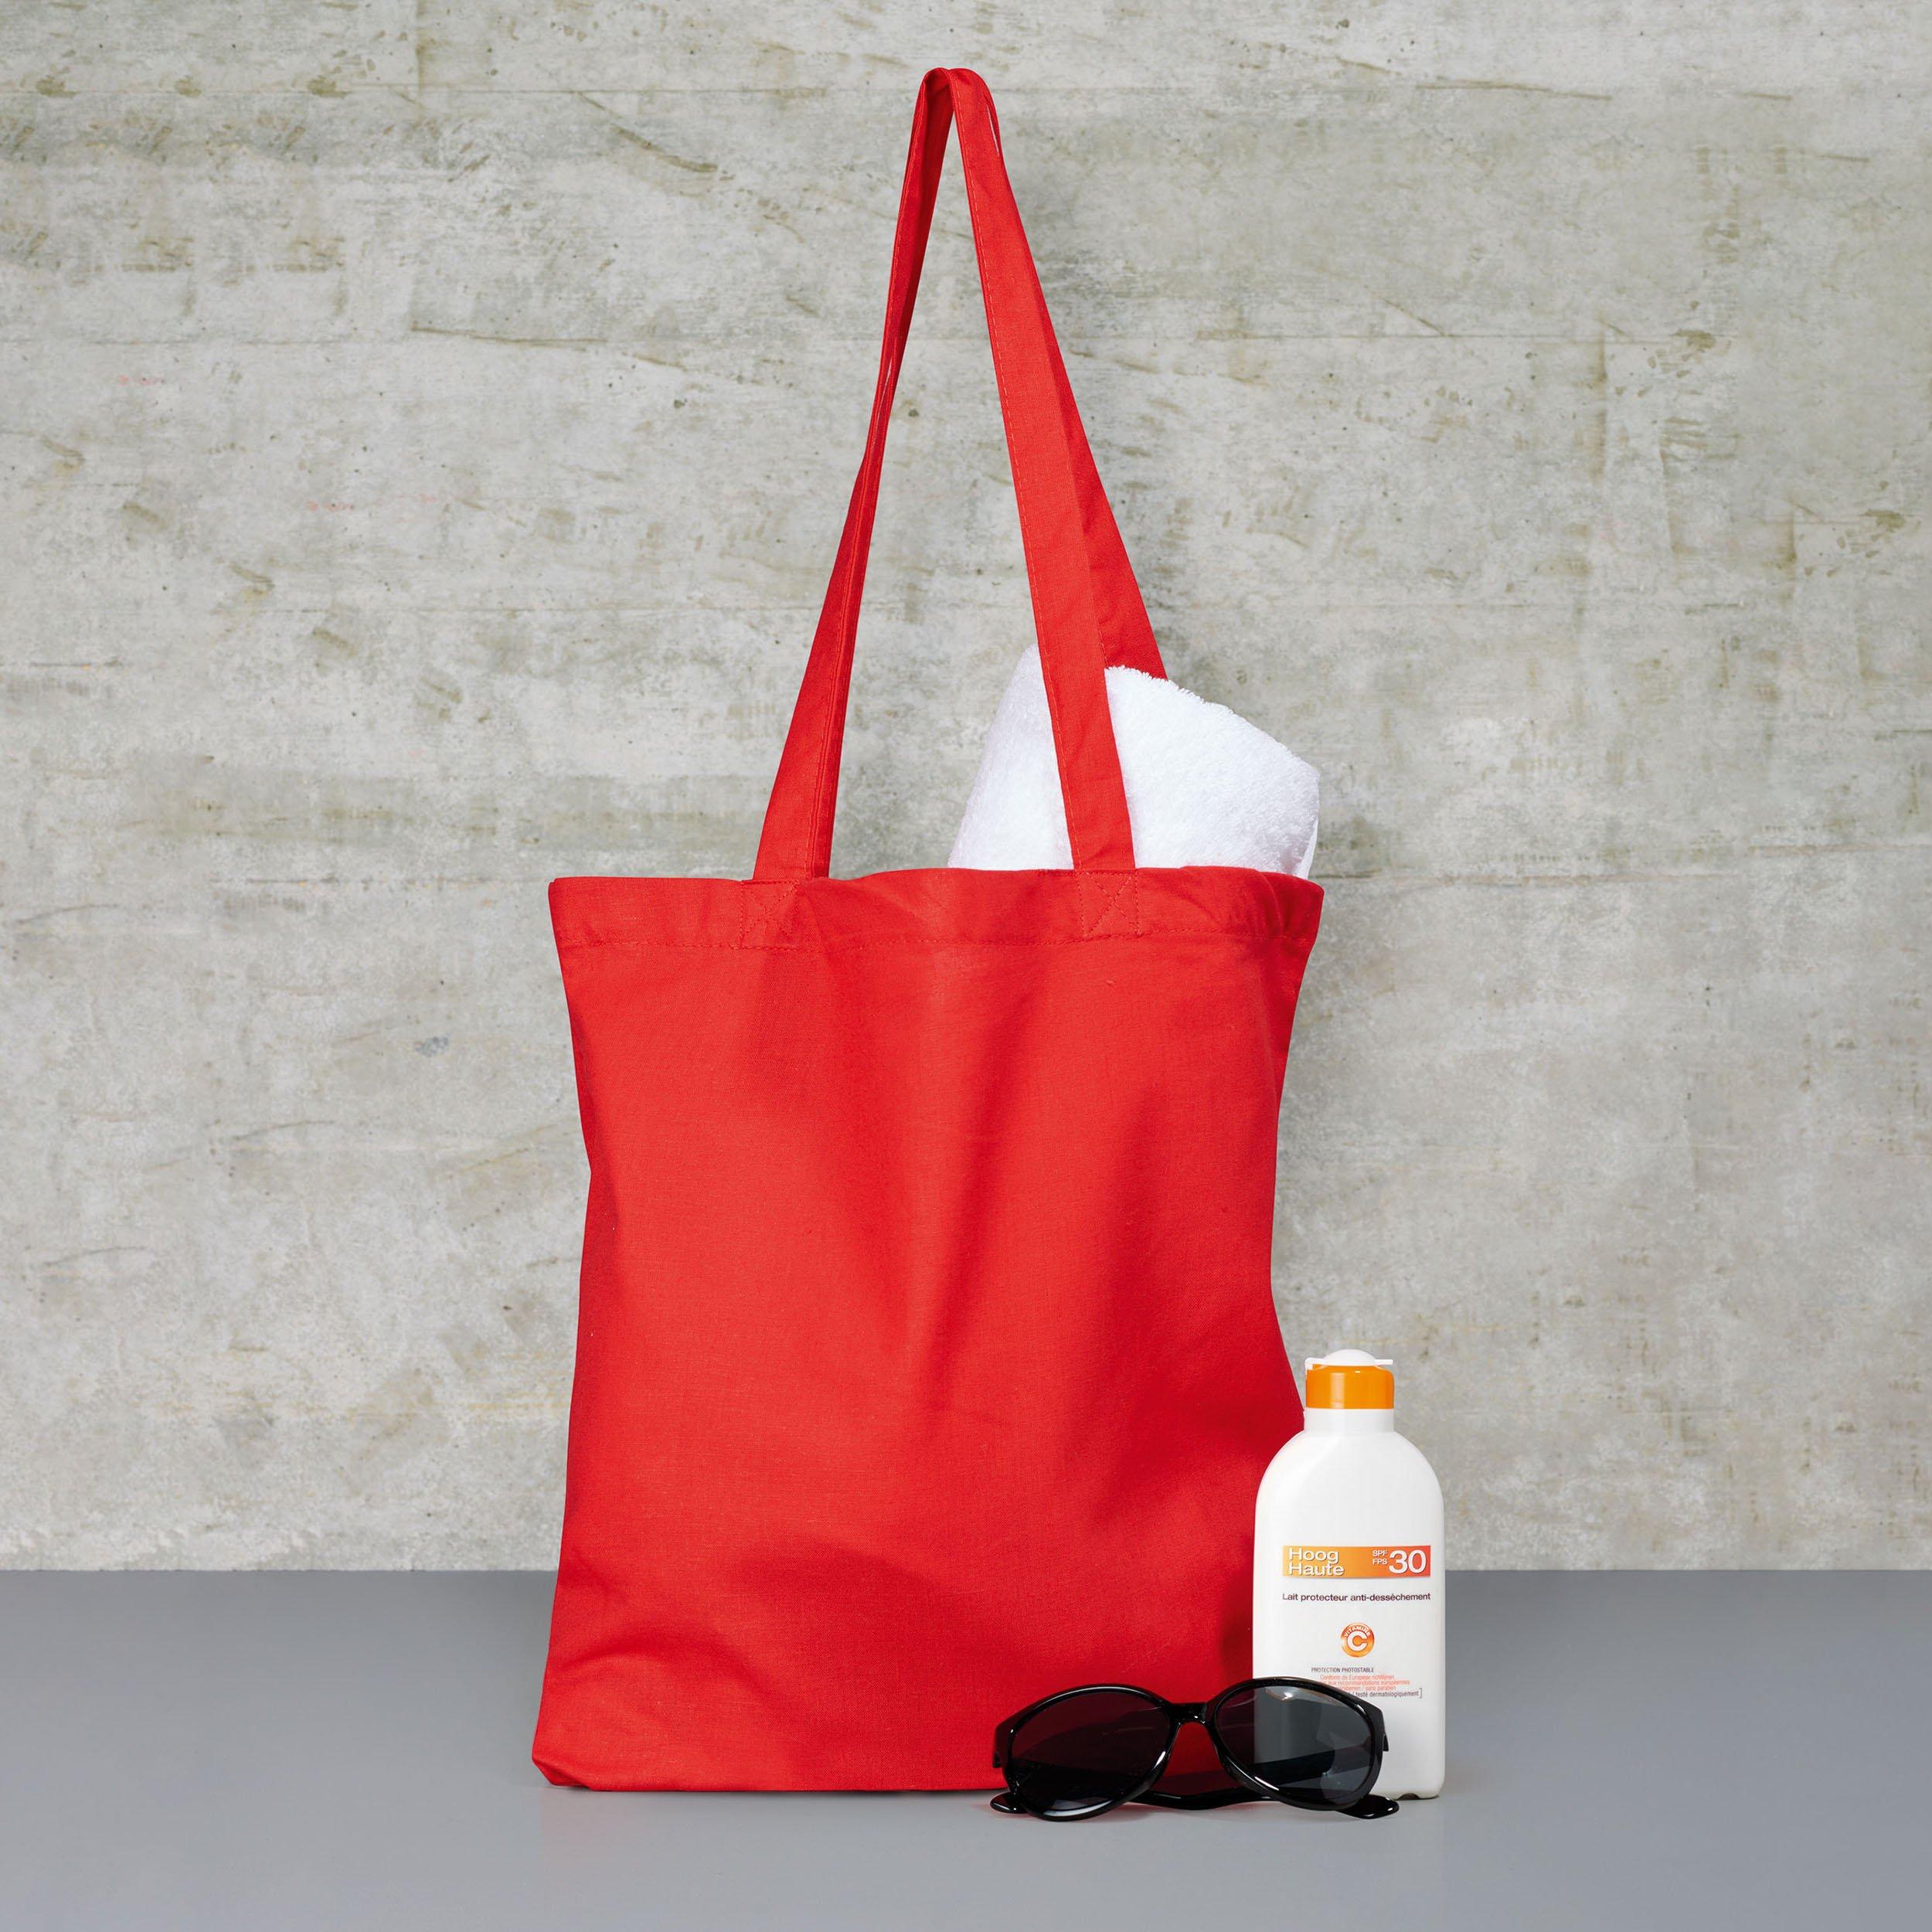 Bags by Jassz Beech tote bag